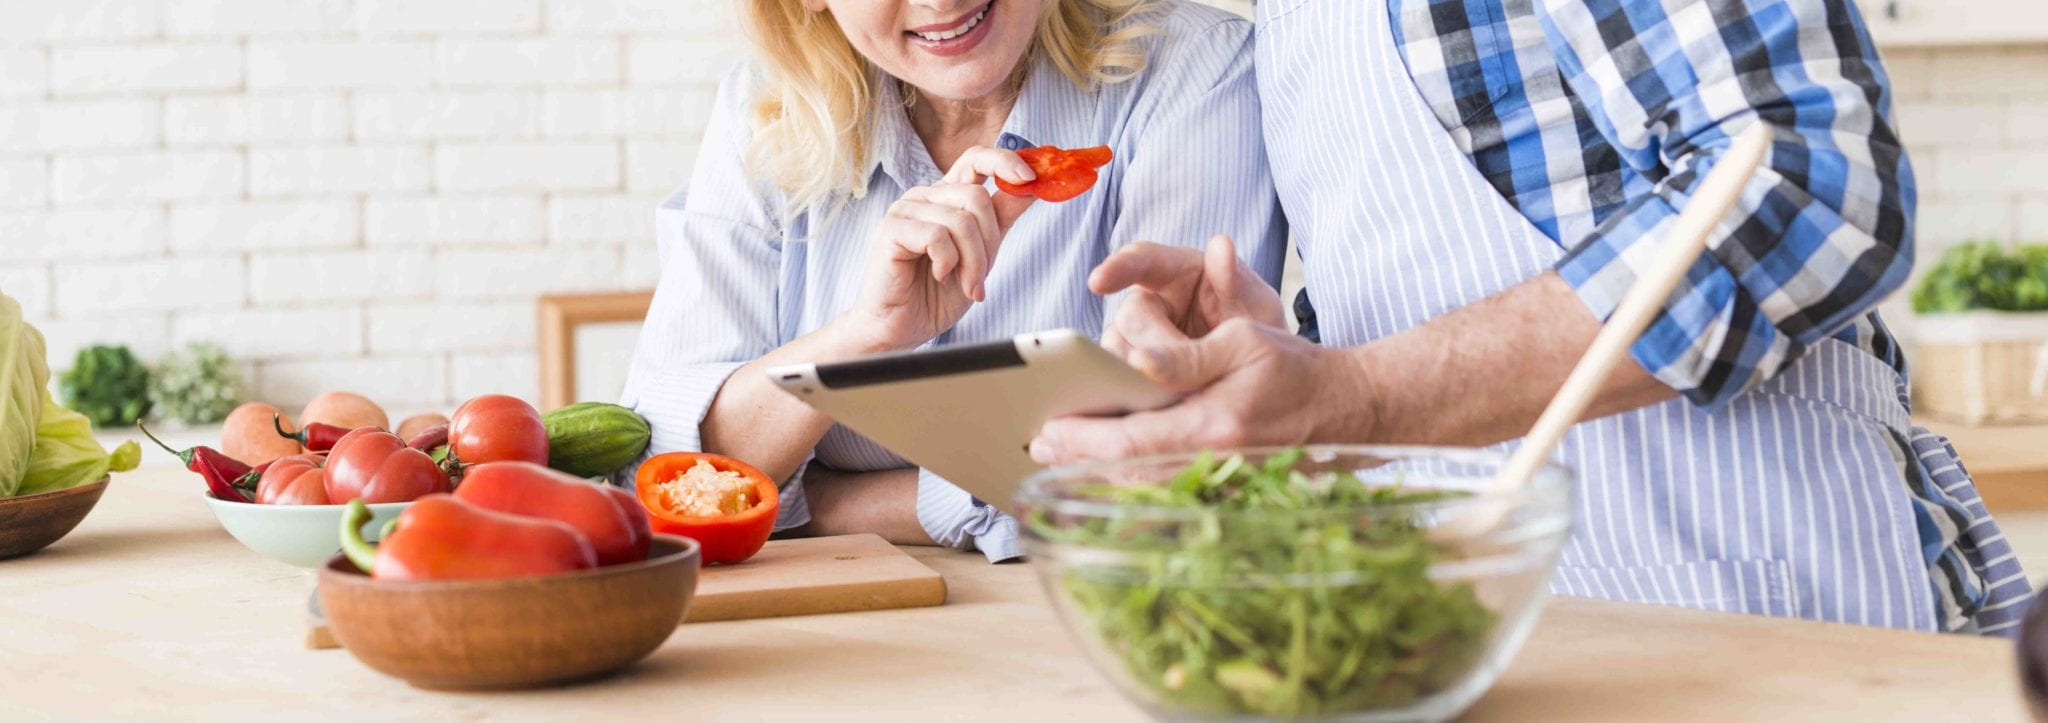 meilleur tablette tactile cuisine pâtisserie comparatif guide d'achat